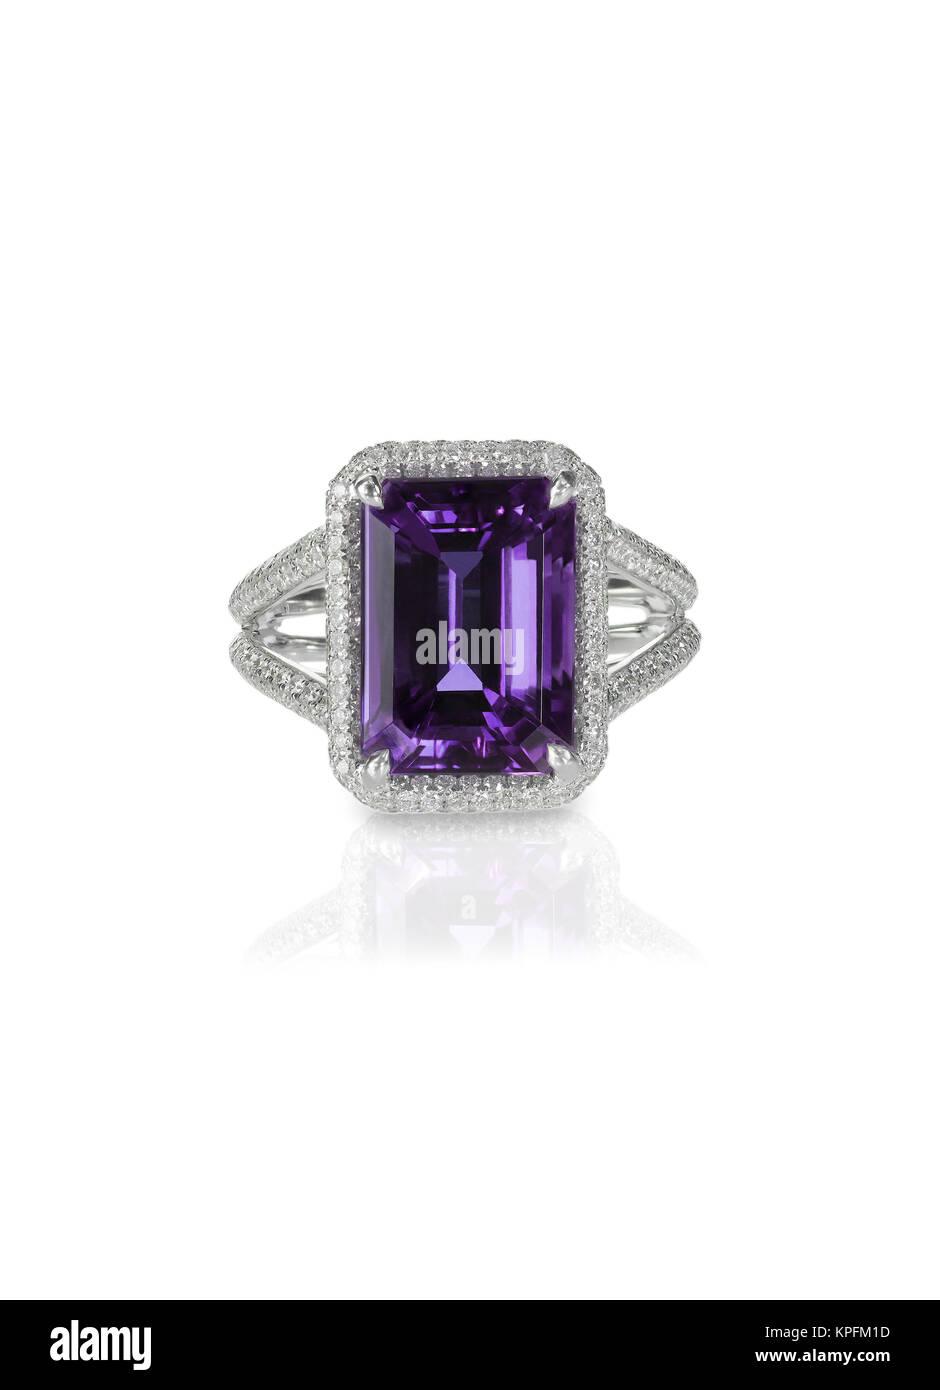 Améthyste diamant bague fiancailles mariage mariée pourpre Photo Stock cfc4d72bdfce